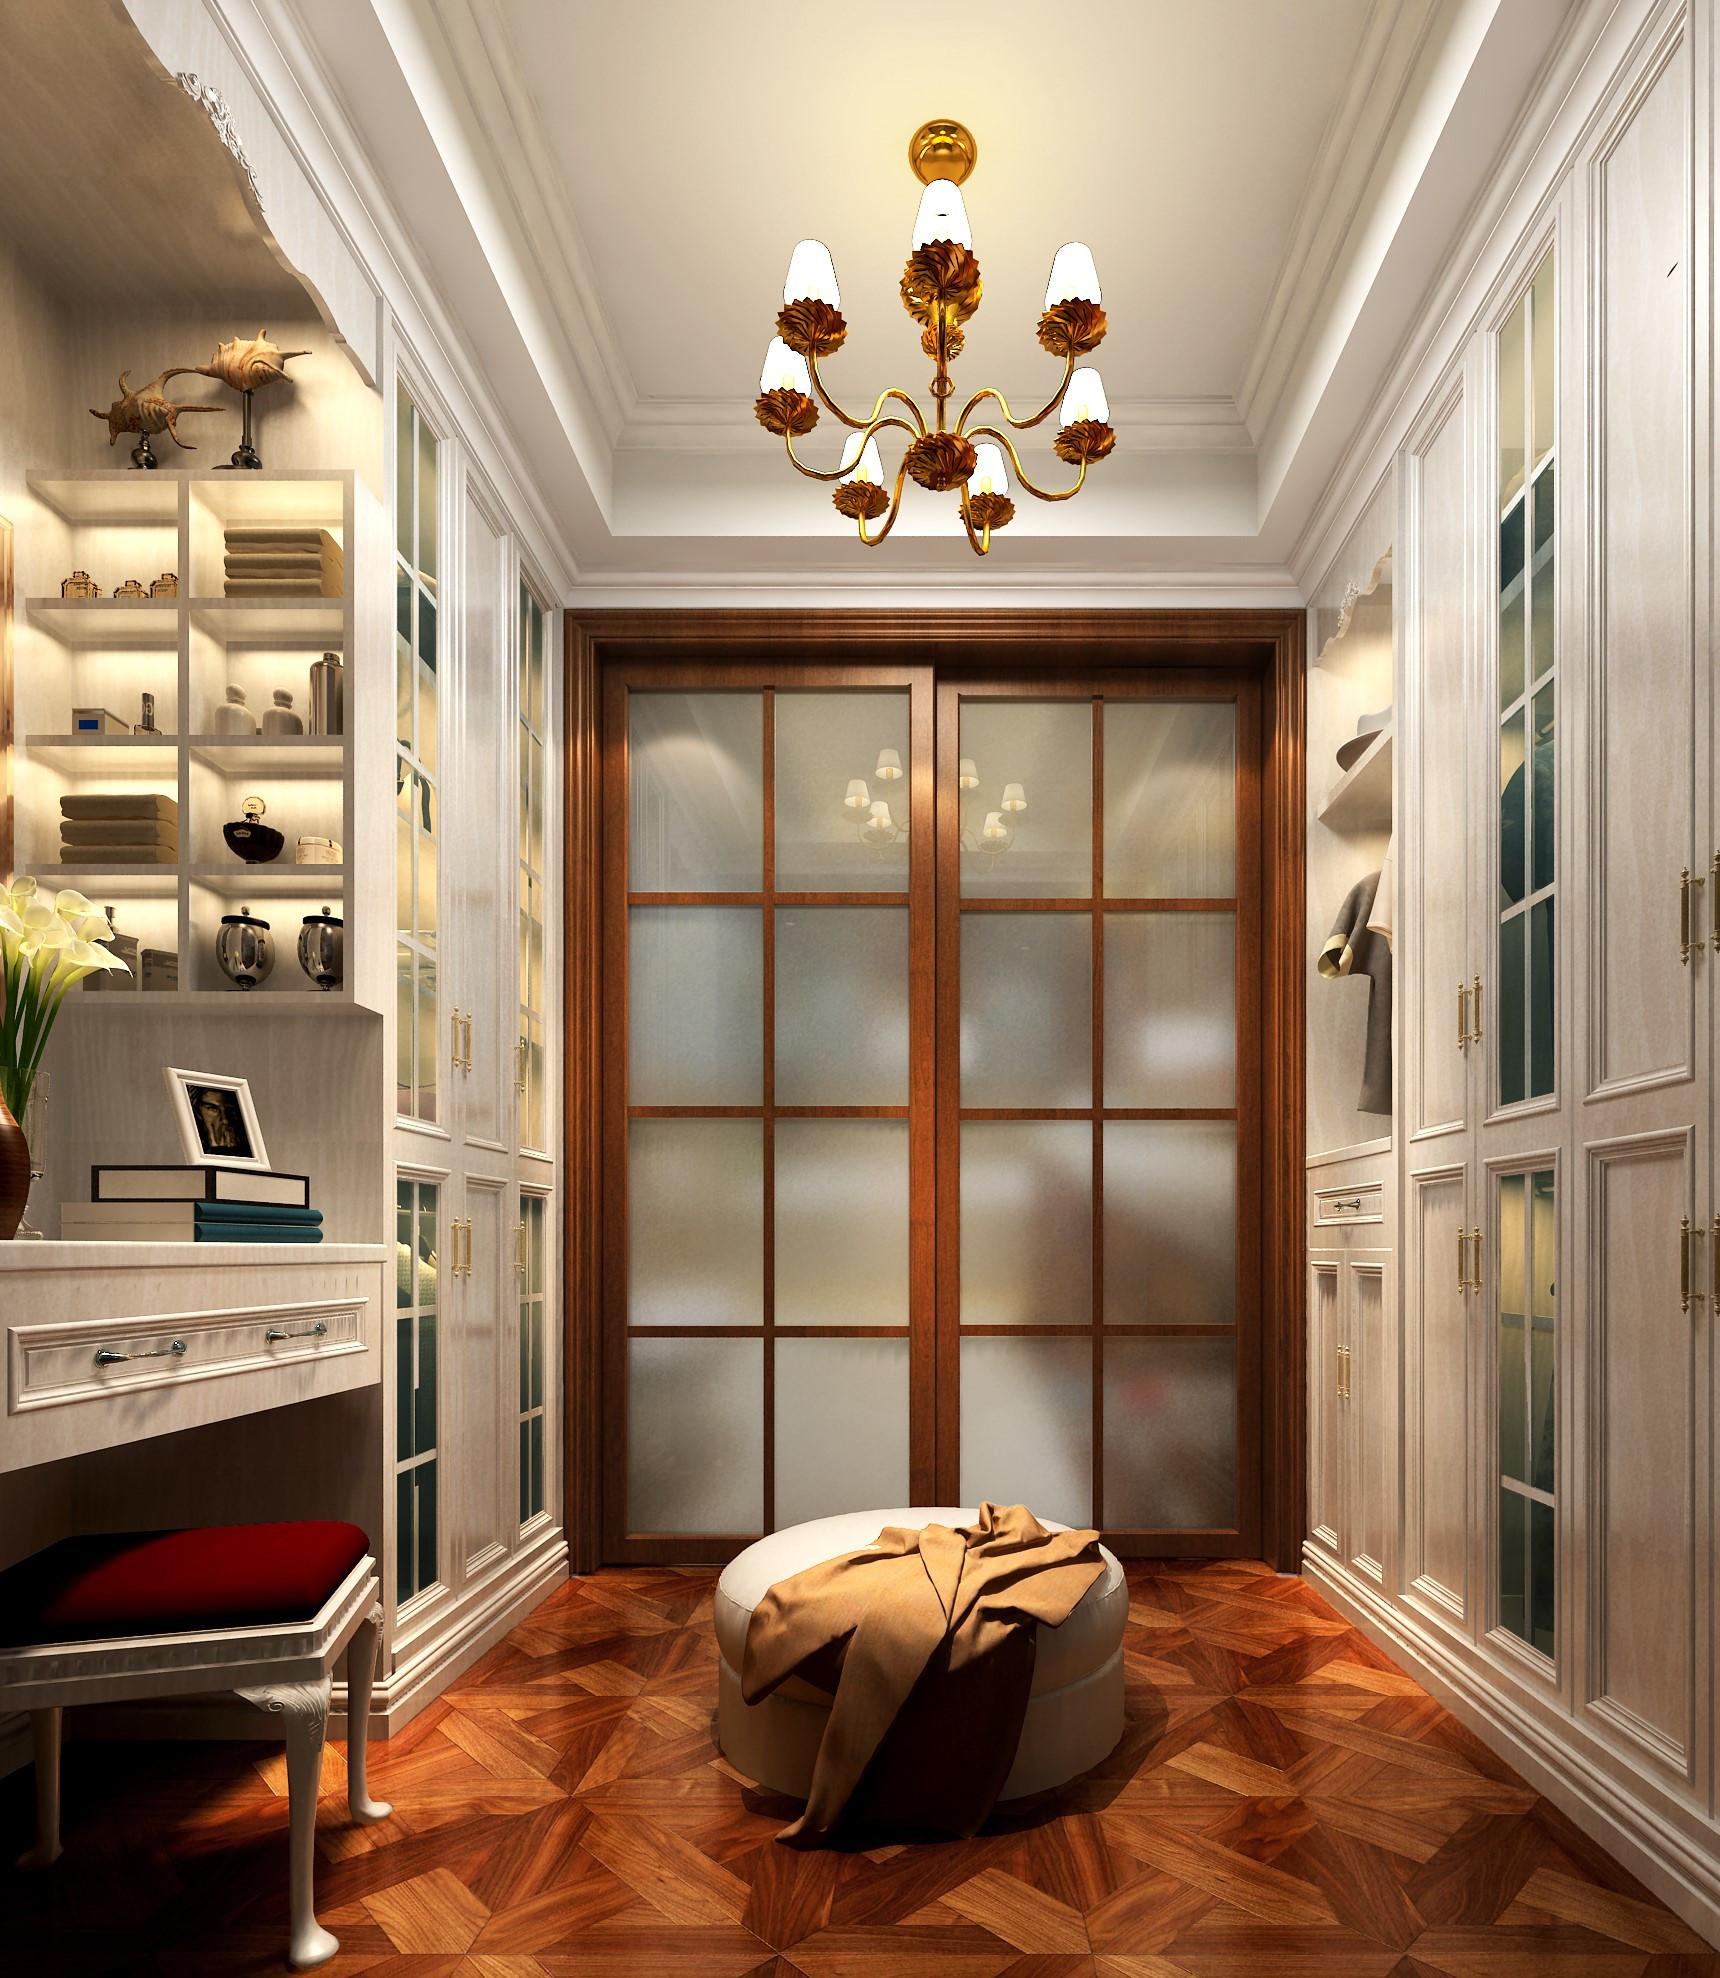 欧式风格别墅富裕型140平米以上衣帽间设计图纸